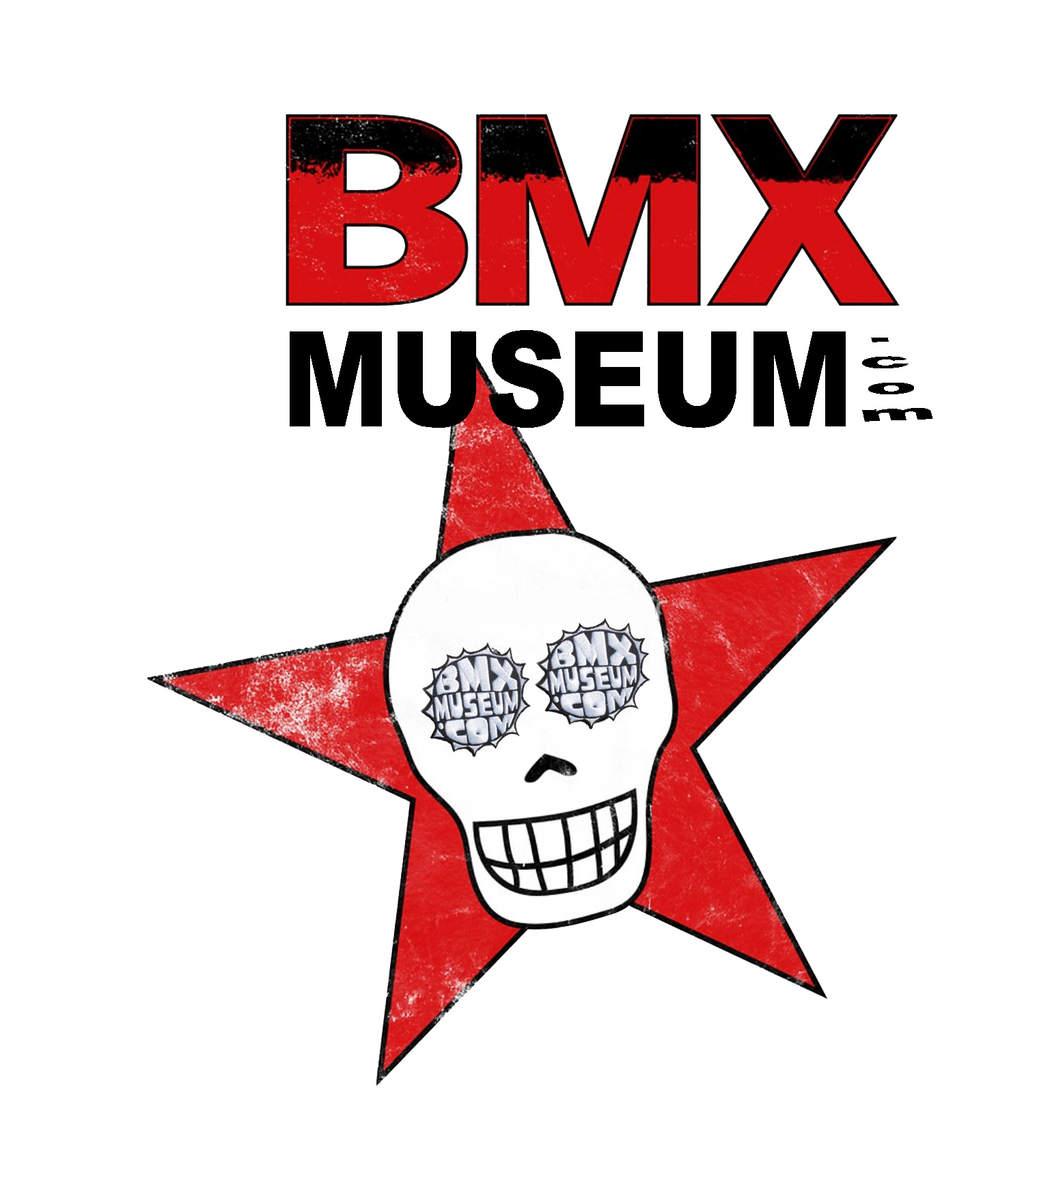 https://s3.amazonaws.com/uploads.bmxmuseum.com/user-images/152/kurtshirteyes5d6bed7d4d.jpg